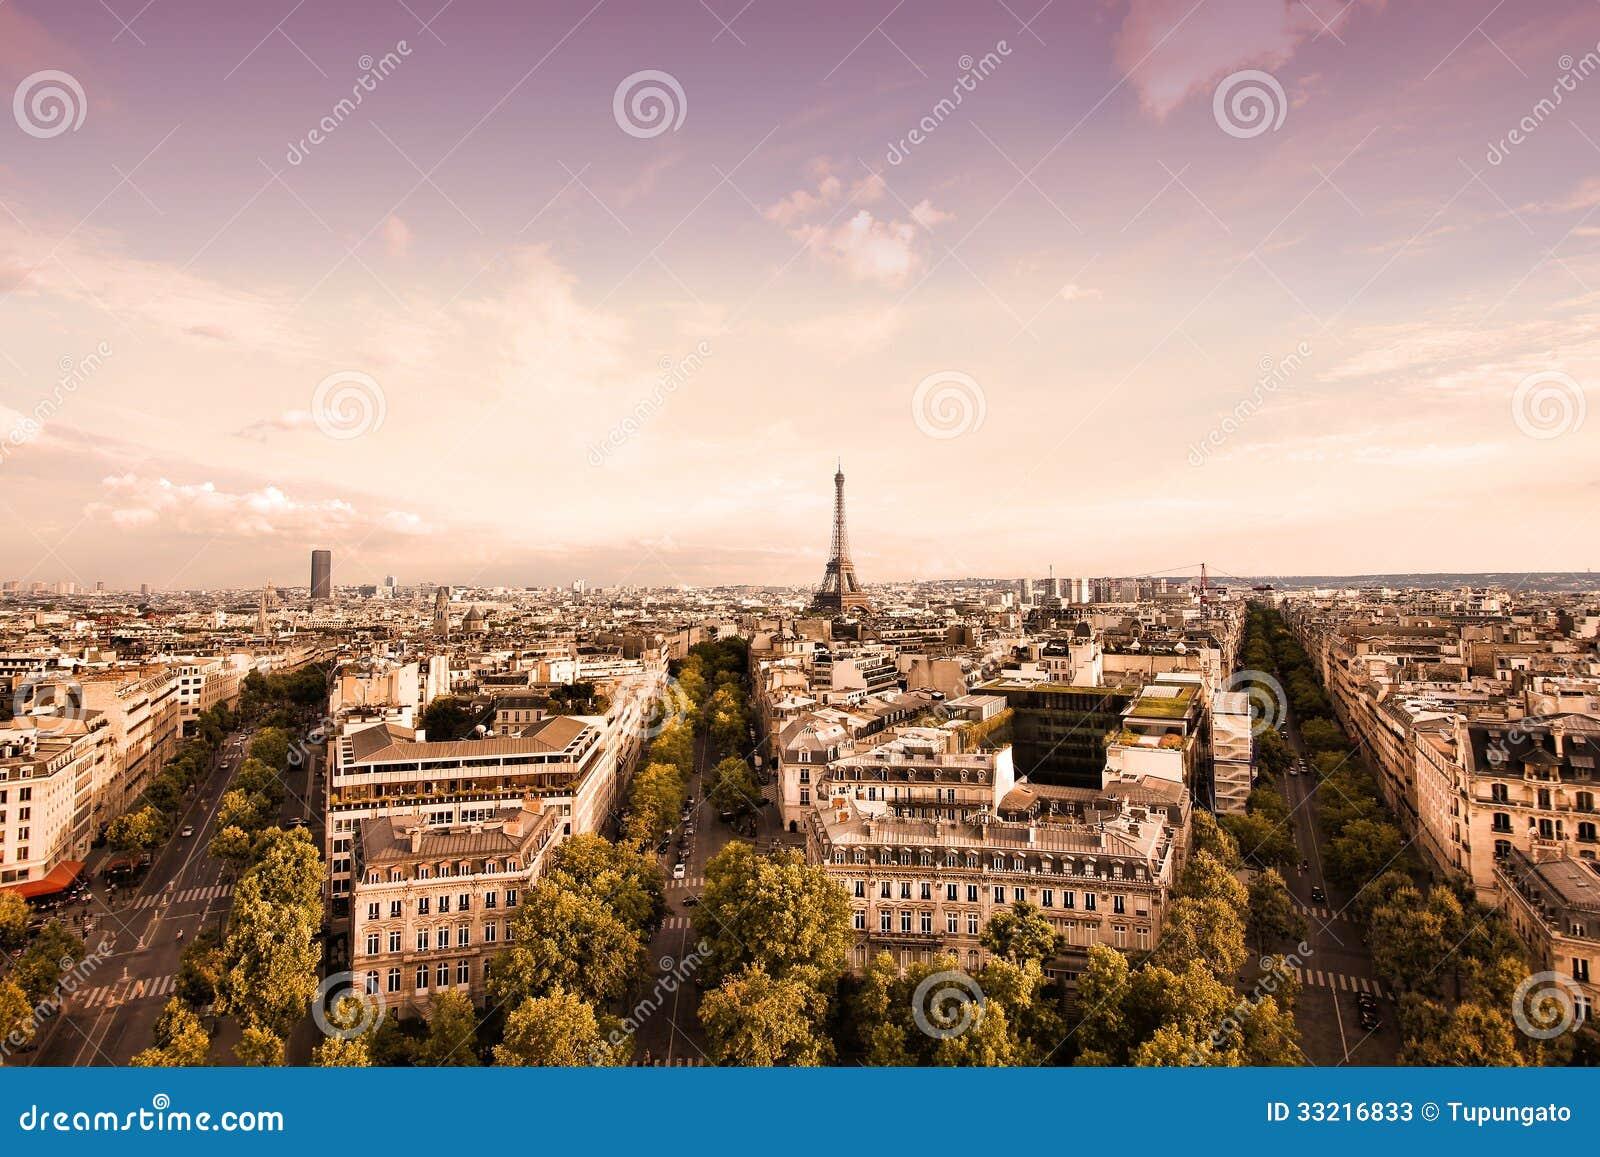 Paris sunset stock photos image 33216833 for Site francais